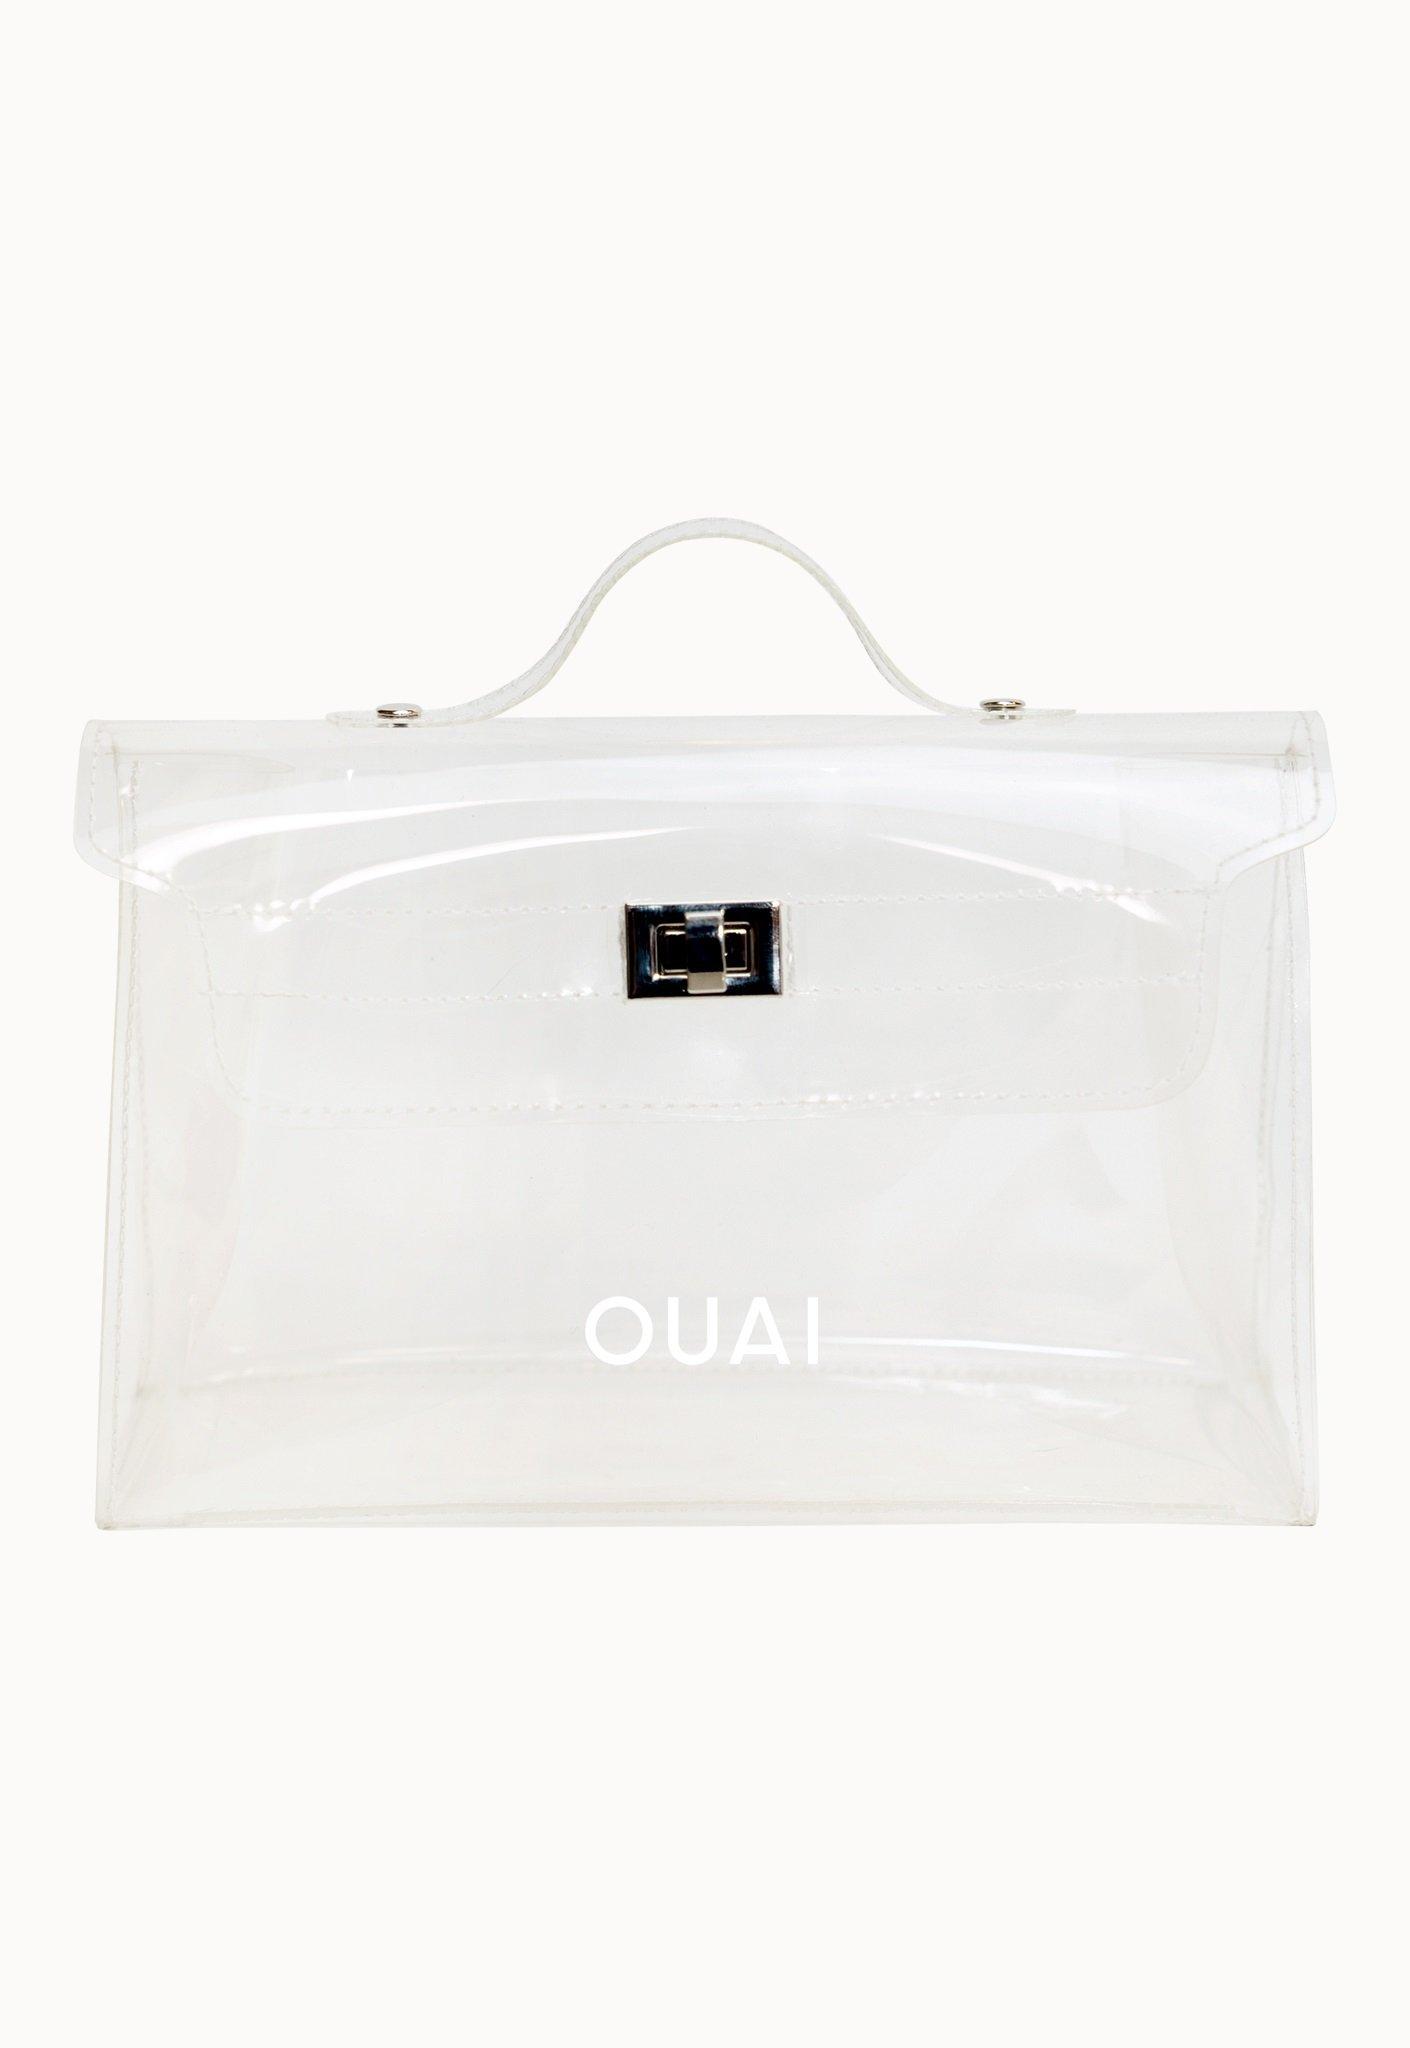 OUAI Mini Purse   Products   Bags, Purses, Mini purse c5243bdc33